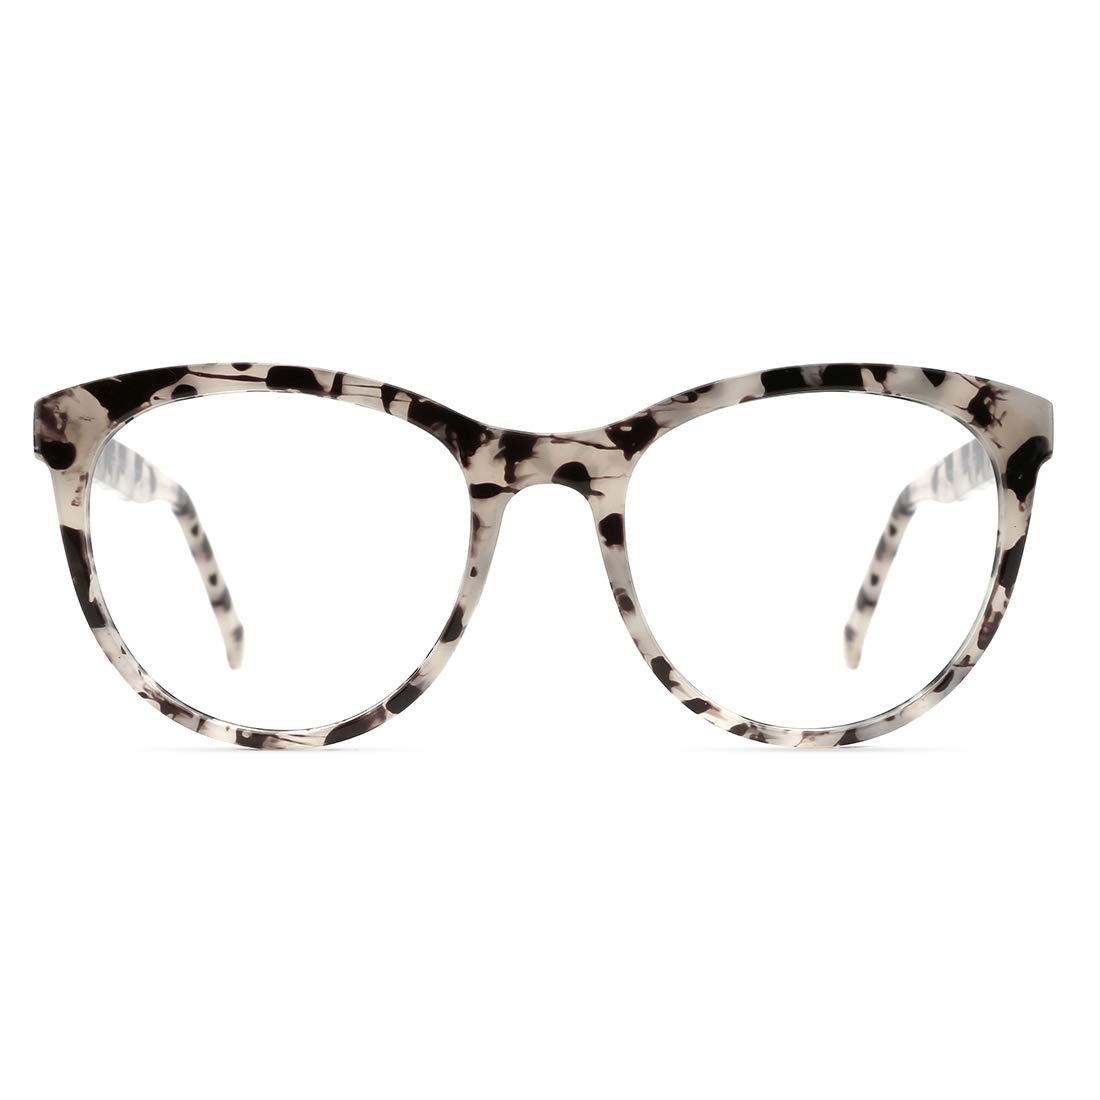 TIJN Stylish Oversized Glasses with Blue Light Blocking Lenses for Women Men Anti Eyestrain Computer Glasses